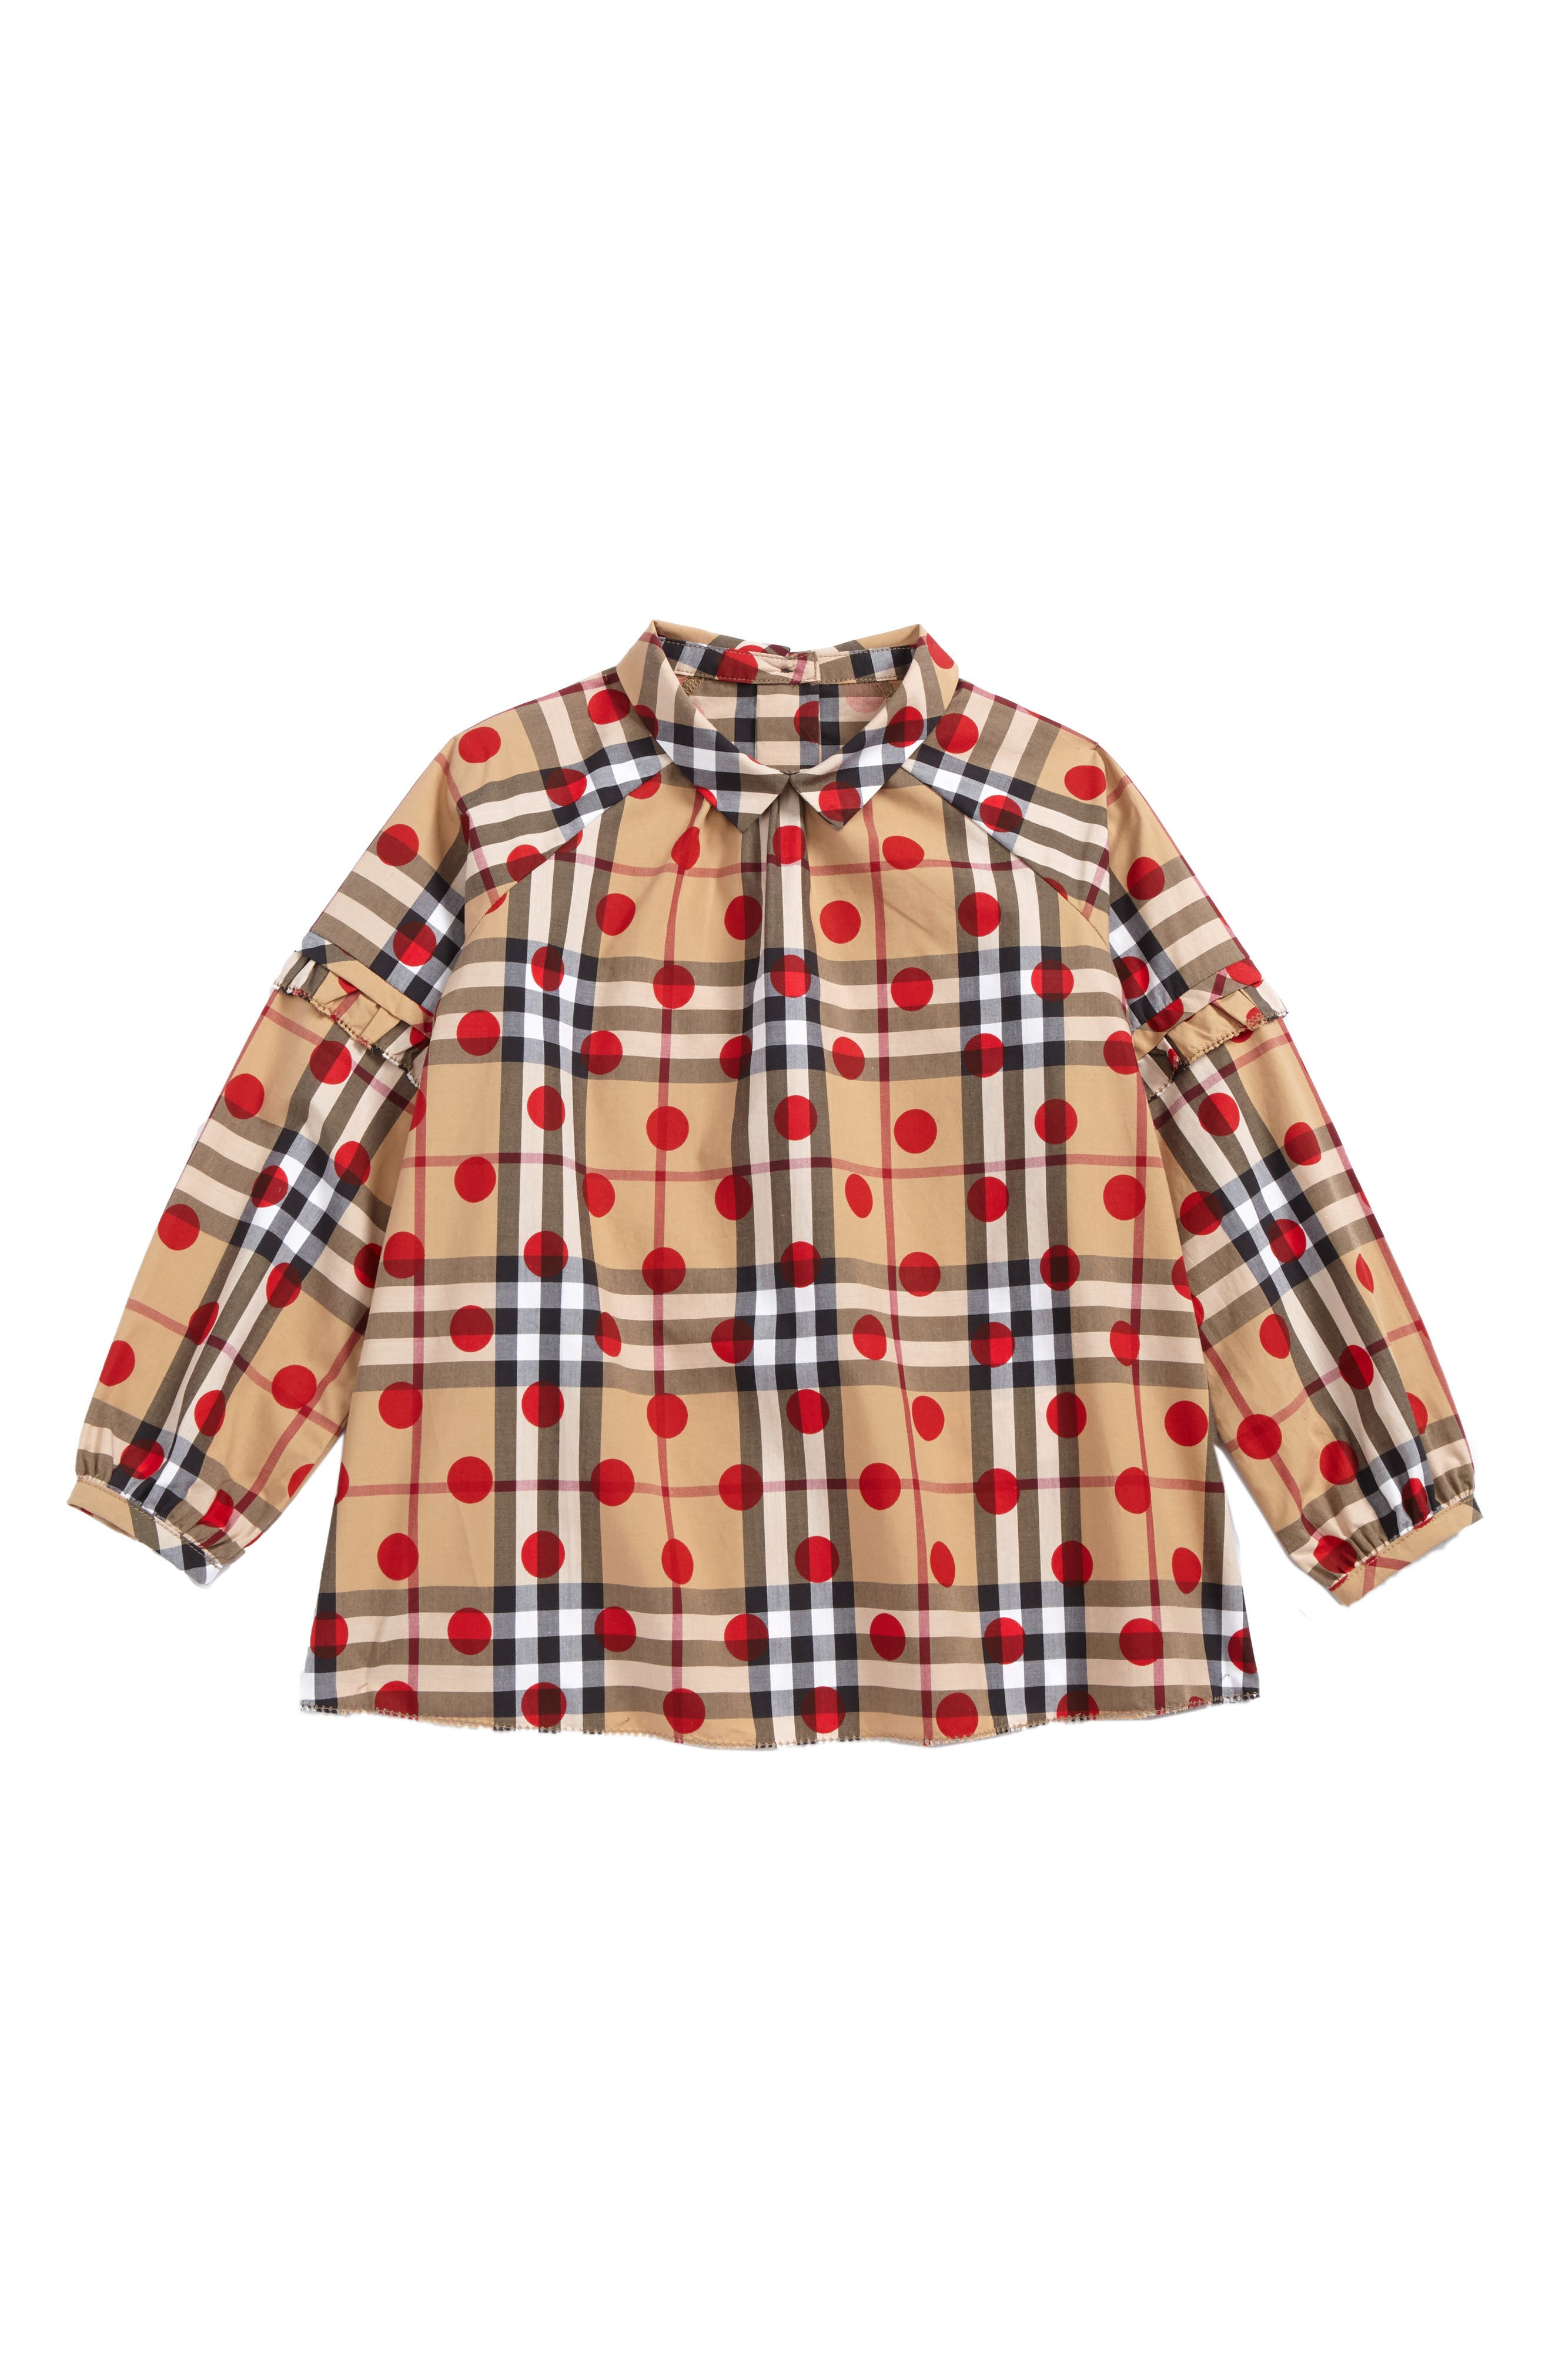 Mini Haleena Polka Dot & Check Print Top,                         Main,                         color, Parade Red